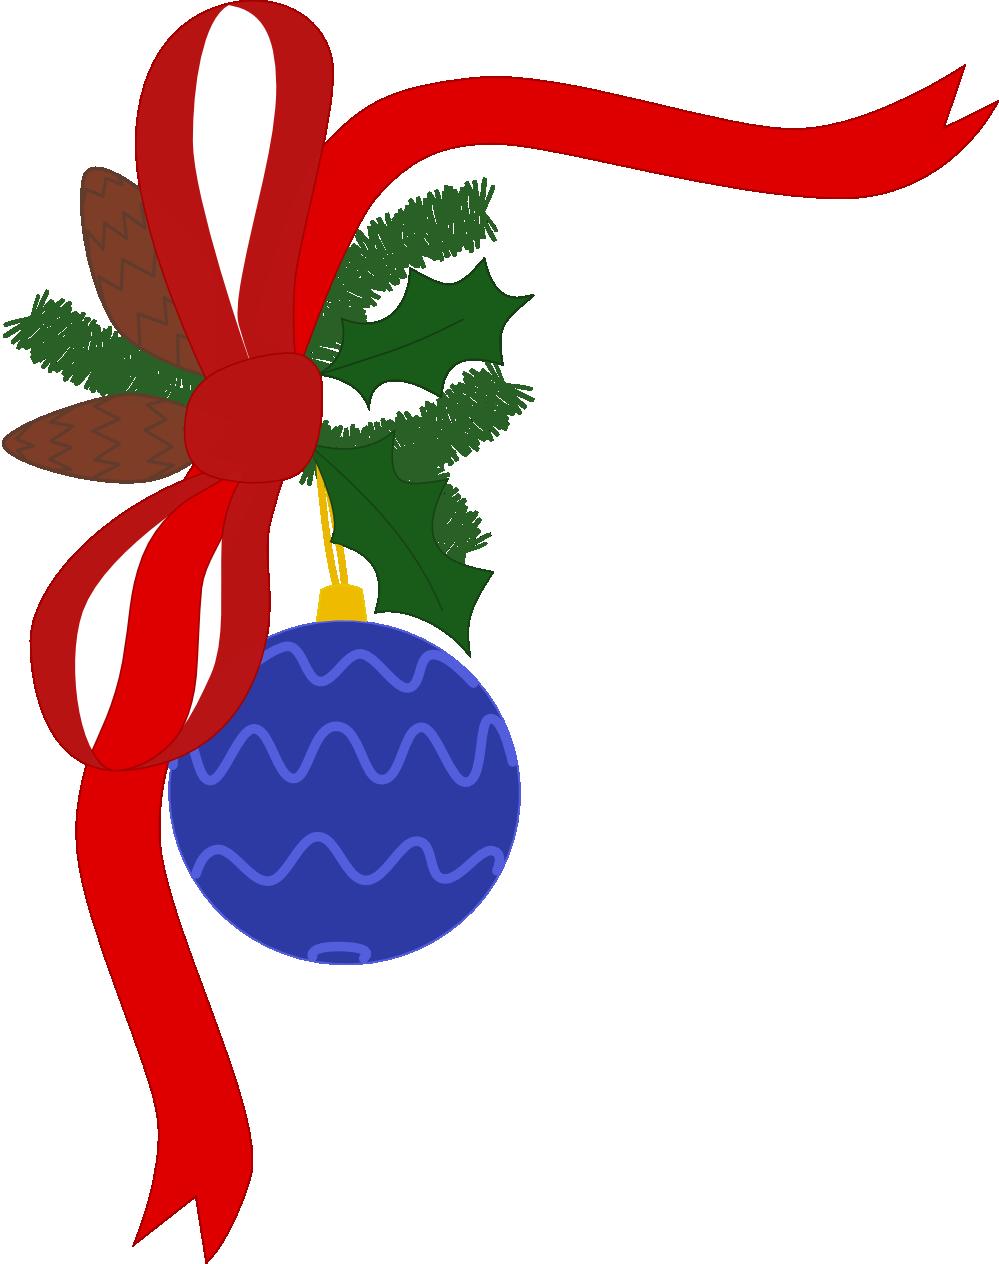 Holiday clipart Clipart Holiday holiday Clipart Panda